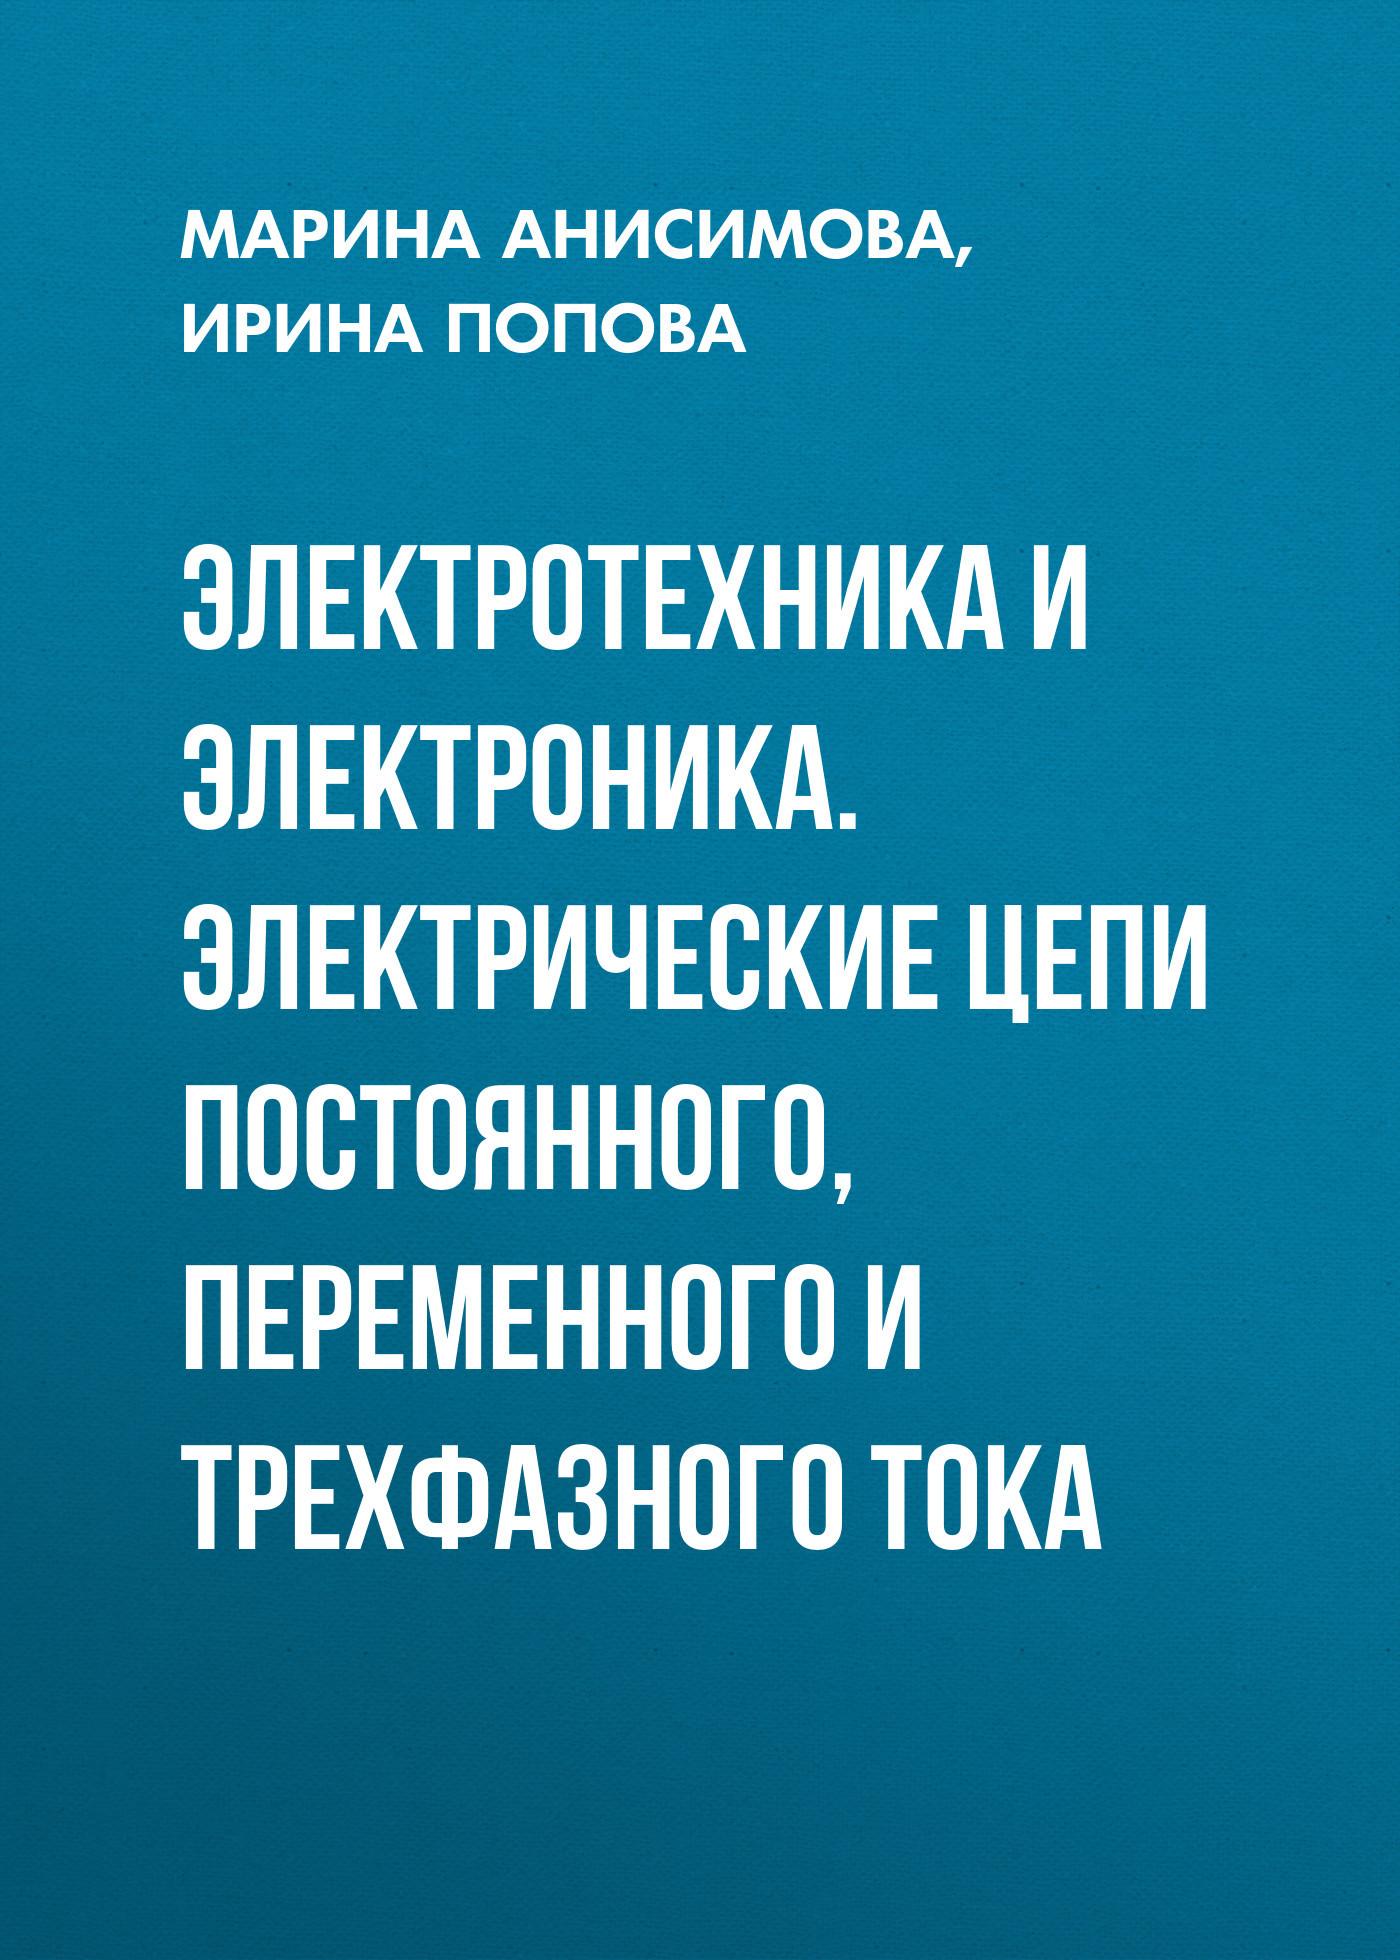 Марина Анисимова Электротехника и электроника. Электрические цепи постоянного, переменного и трехфазного тока